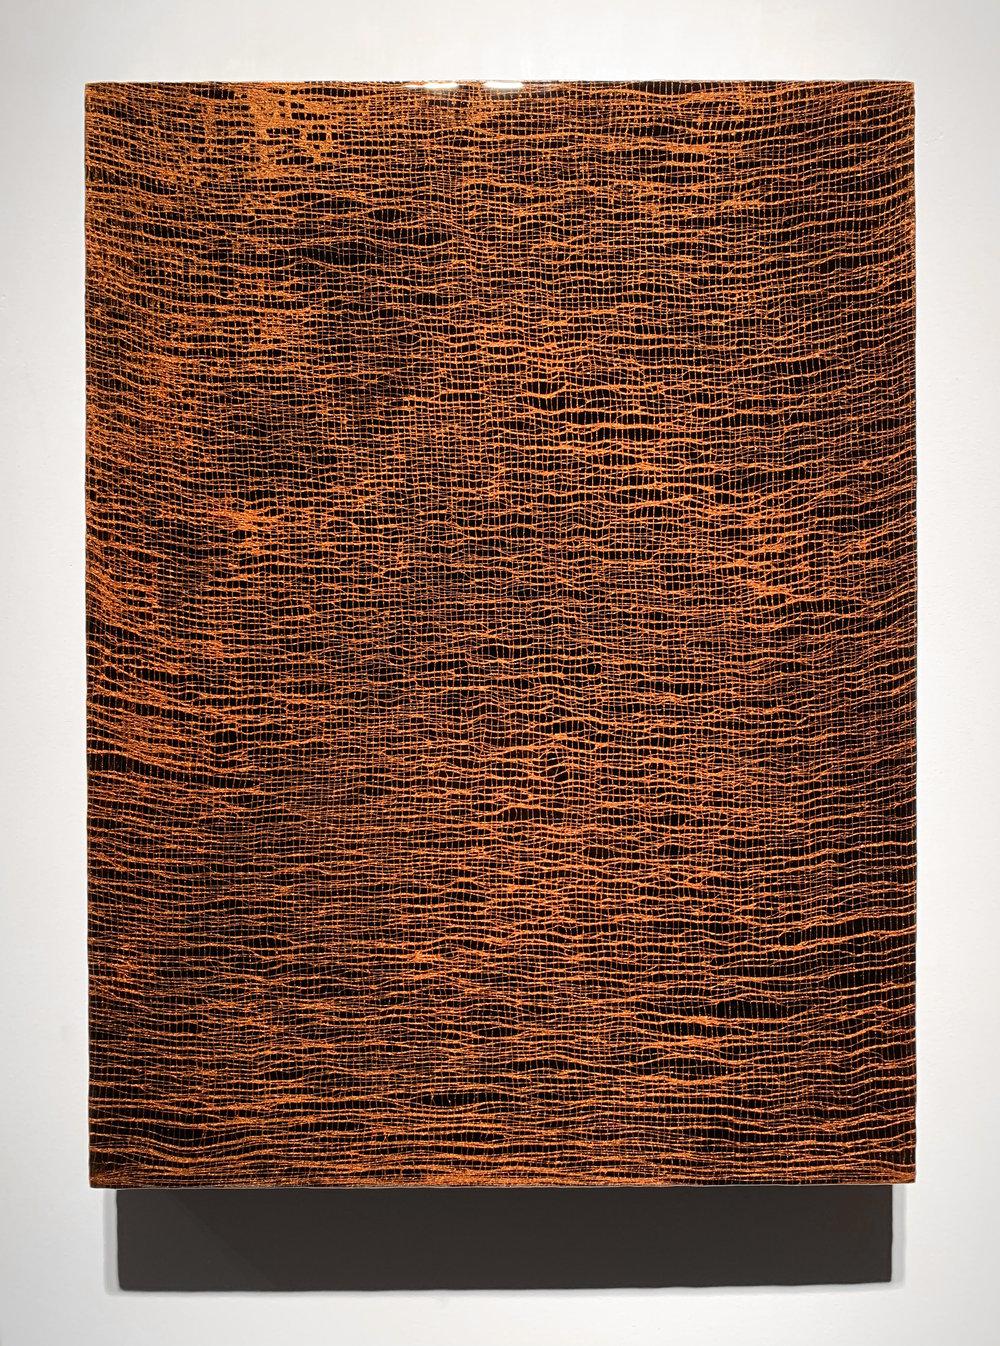 Jordan Eagles, Roze 29, 2014. Blood, copper, gauze, plexiglass, UV resin, 24x18 in